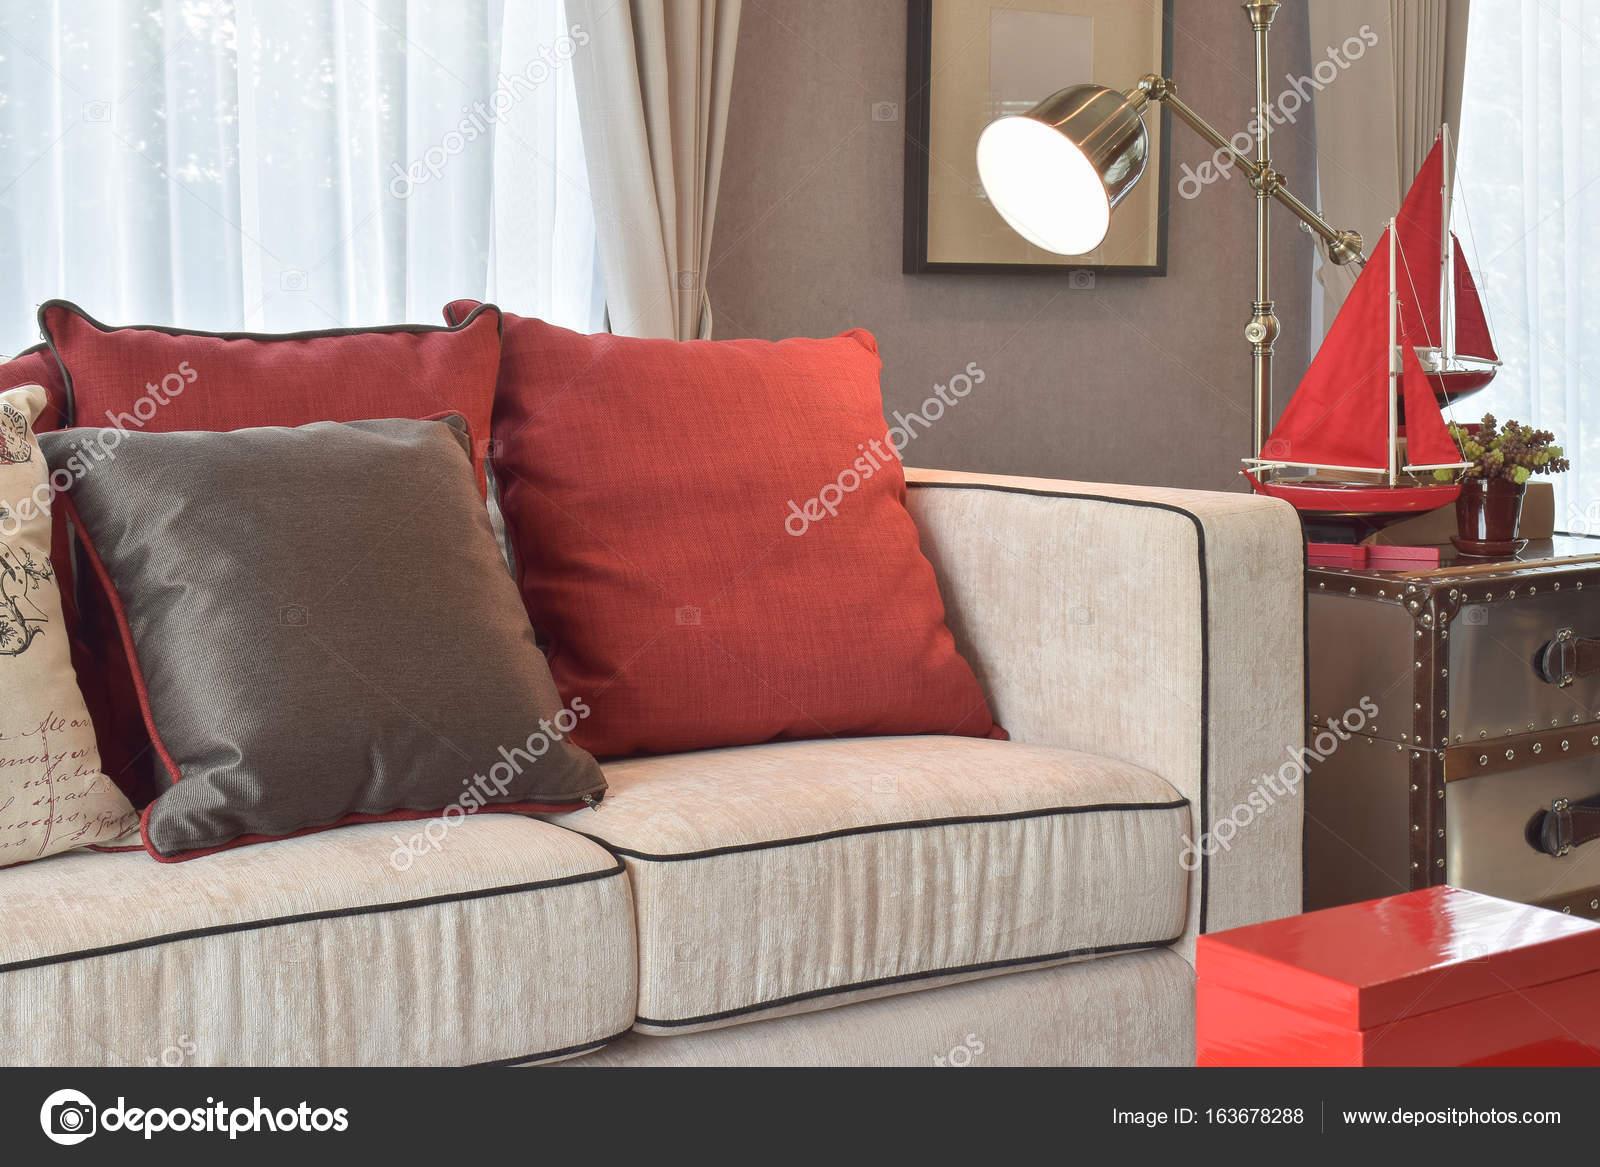 Klassische Industrielle Aussehen, Wohnzimmer Mit Sofa Beige Und Rot Und  Tief Braun Leinen Kissen Mit